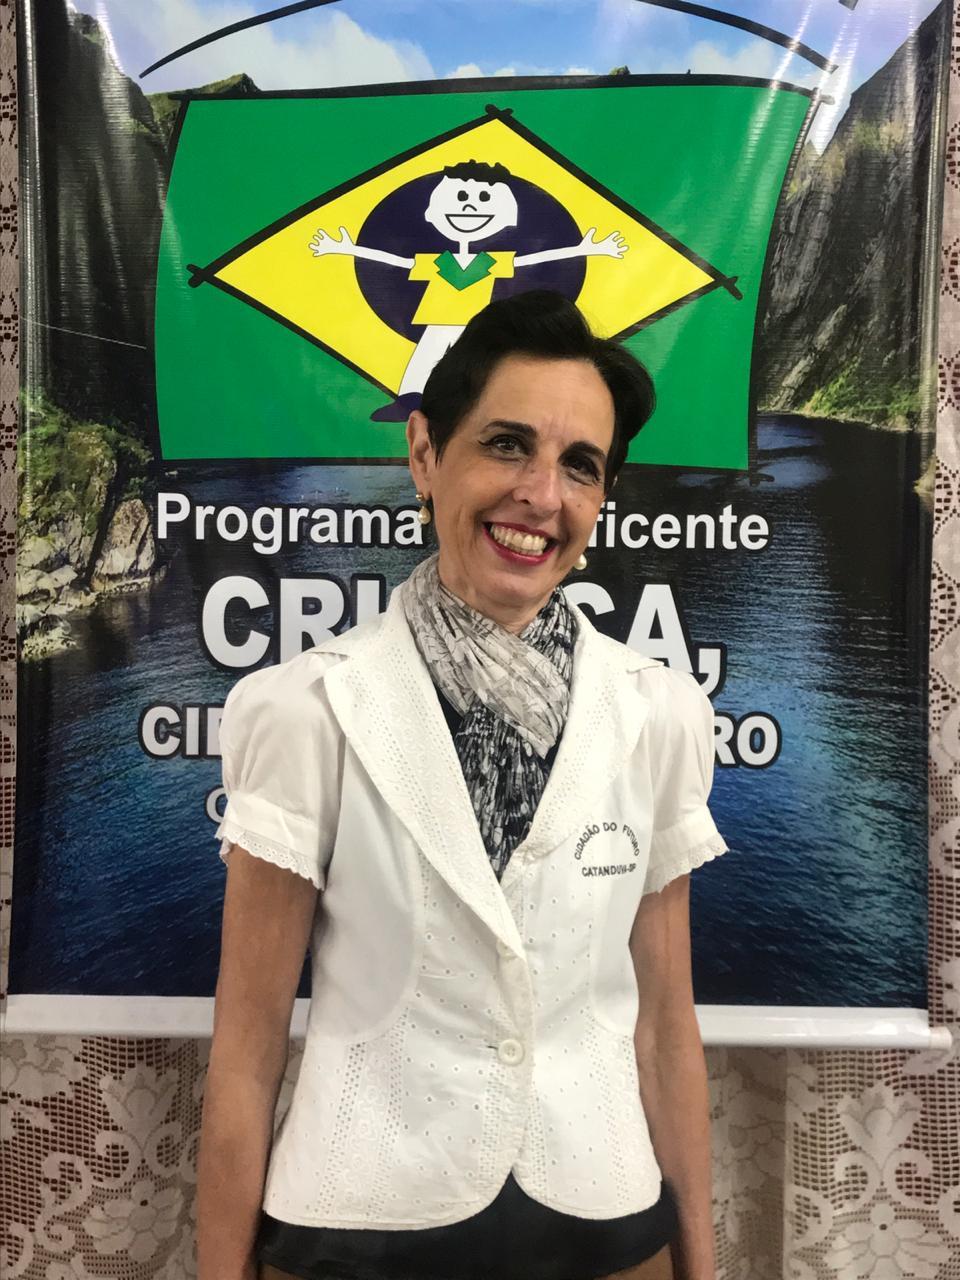 Maria Teresa Oliveira Catanho da Silva